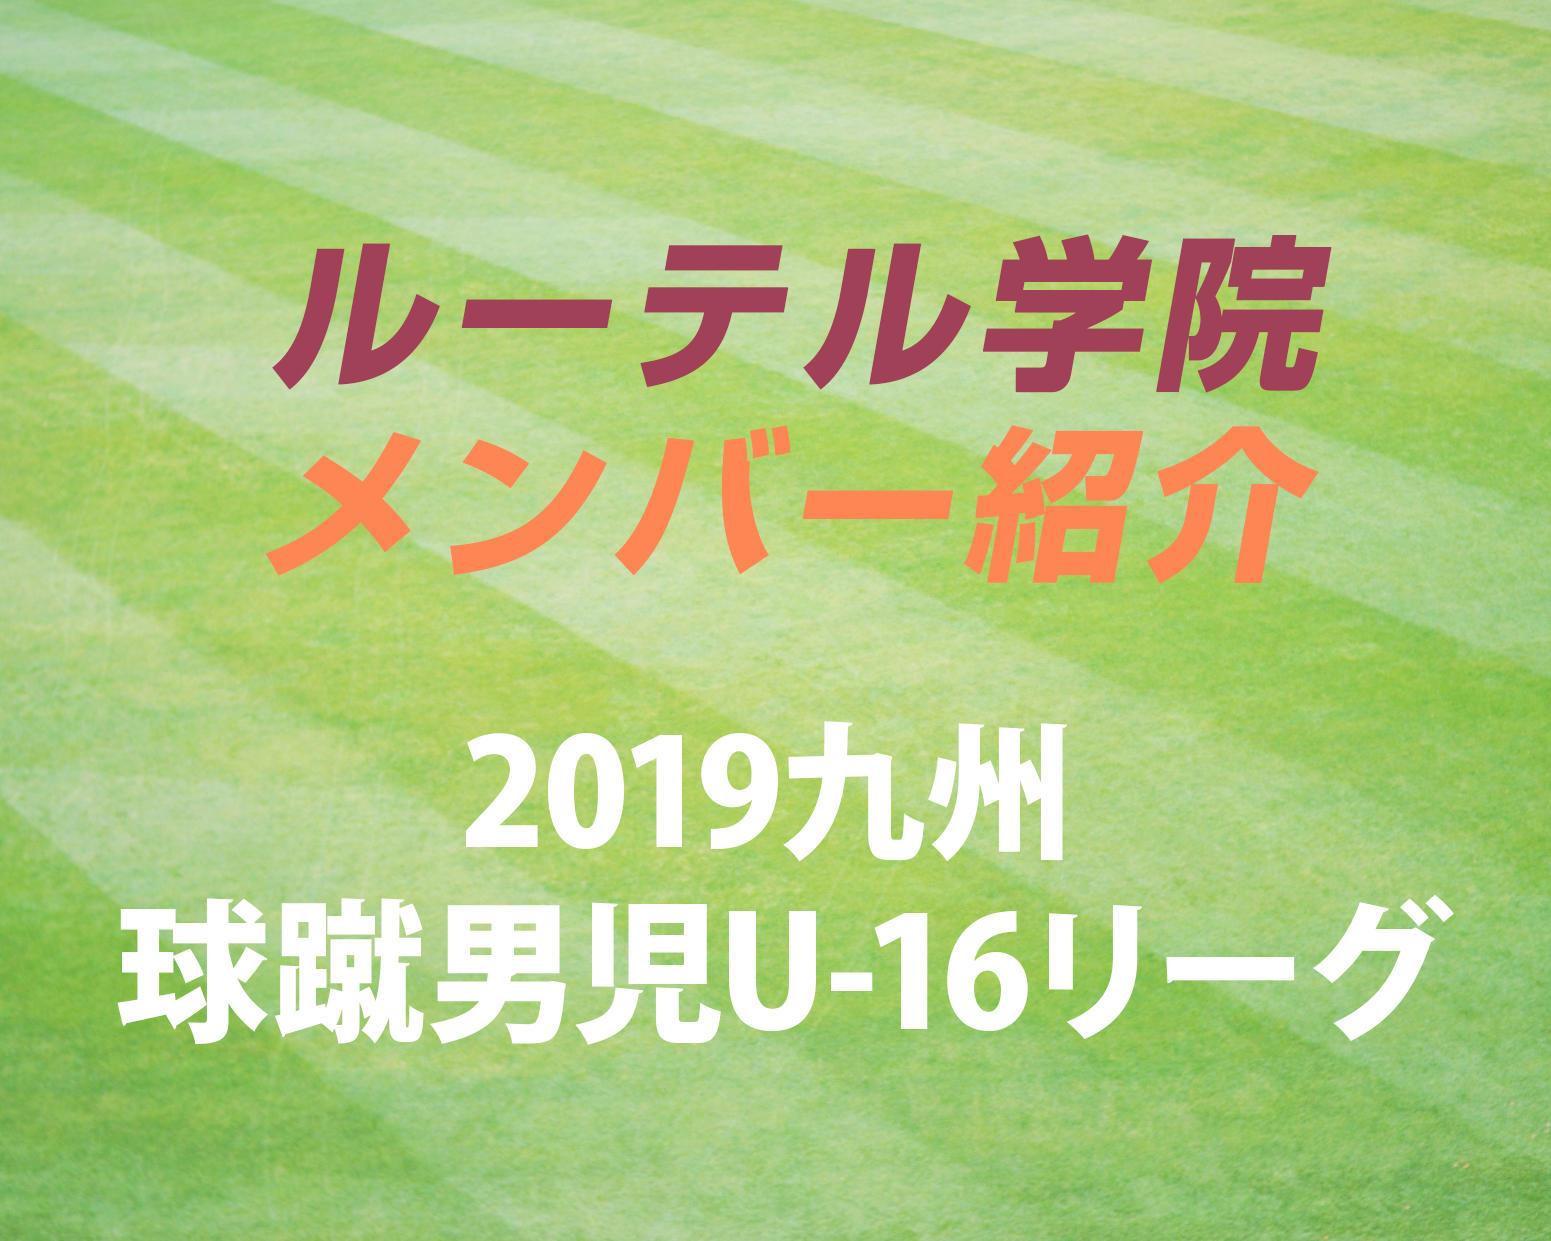 熊本の強豪・ルーテル学院サッカー部のメンバー紹介!(2019 球蹴男児U-16  D2リーグ)